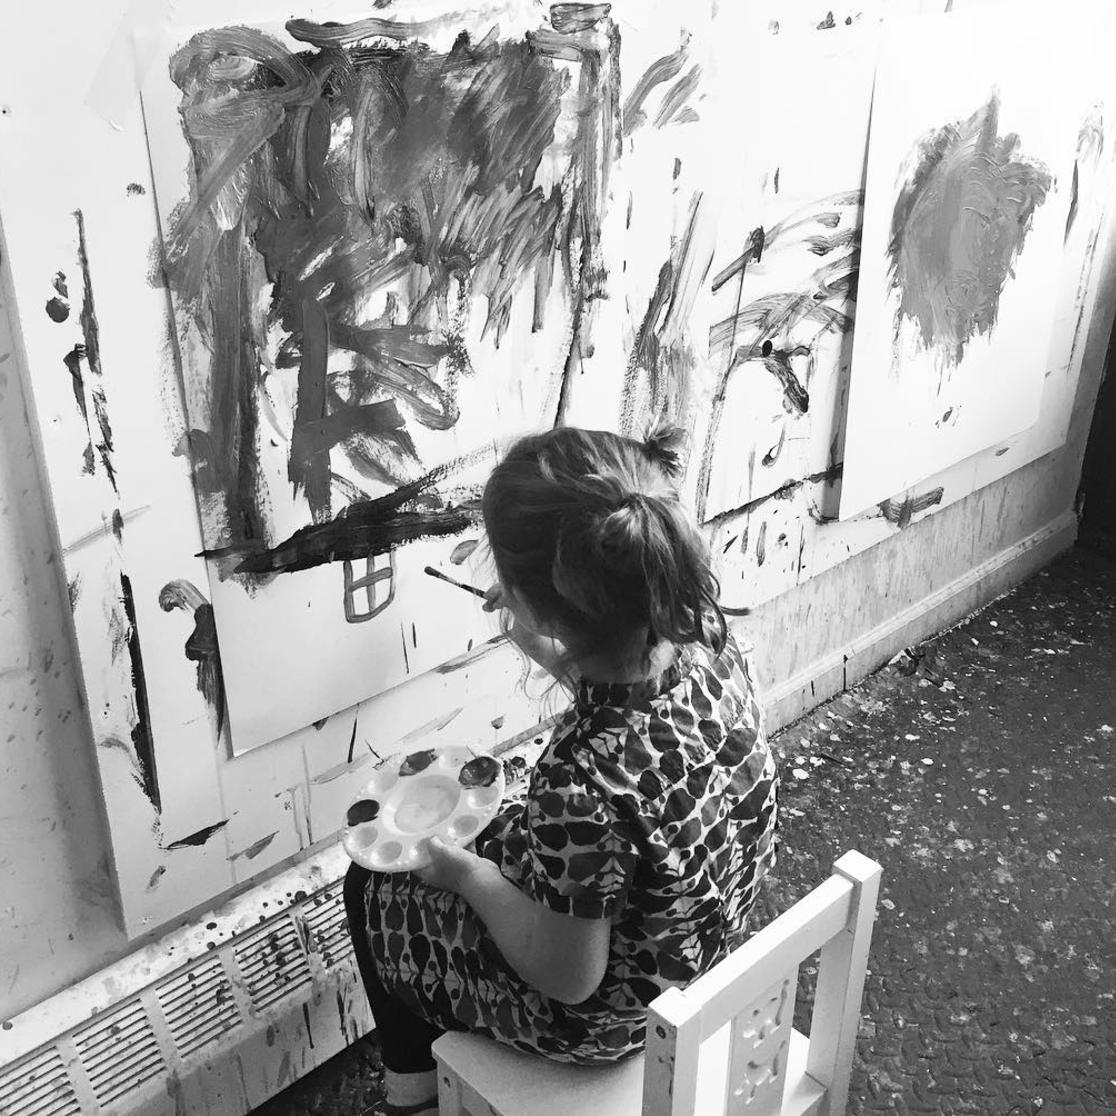 Little Artist by Megan Elizabeth of Art by Megan